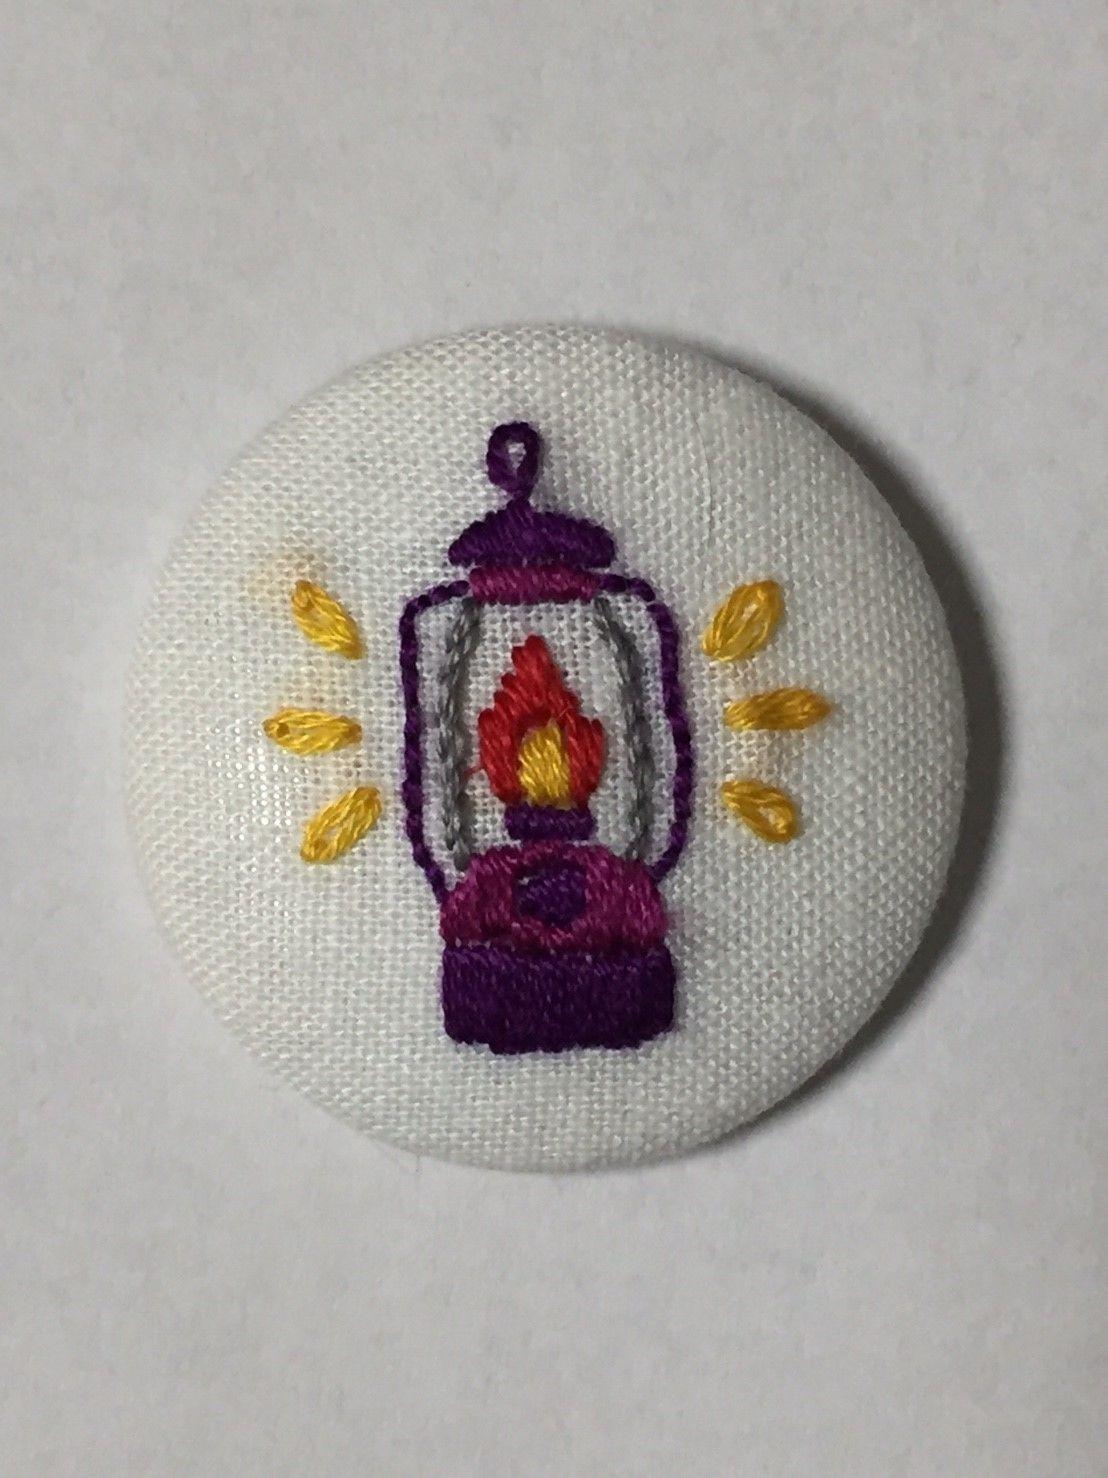 手作り刺繍ランタンのバッジ(パープル)No.014